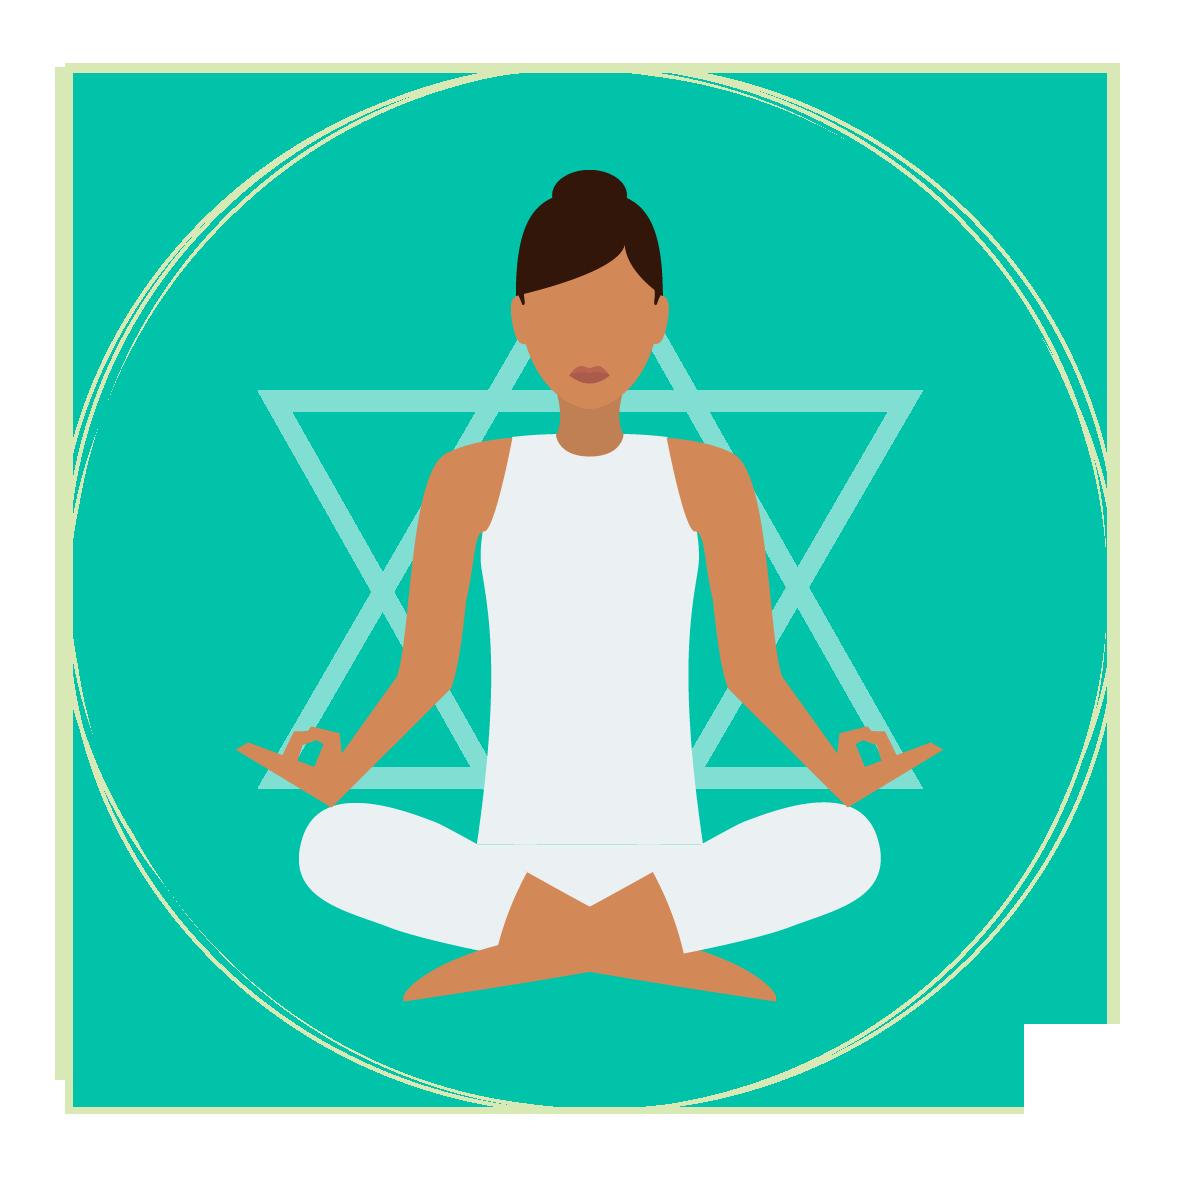 C mo meditar en casa paso a paso meditaci n para - Meditar en casa ...